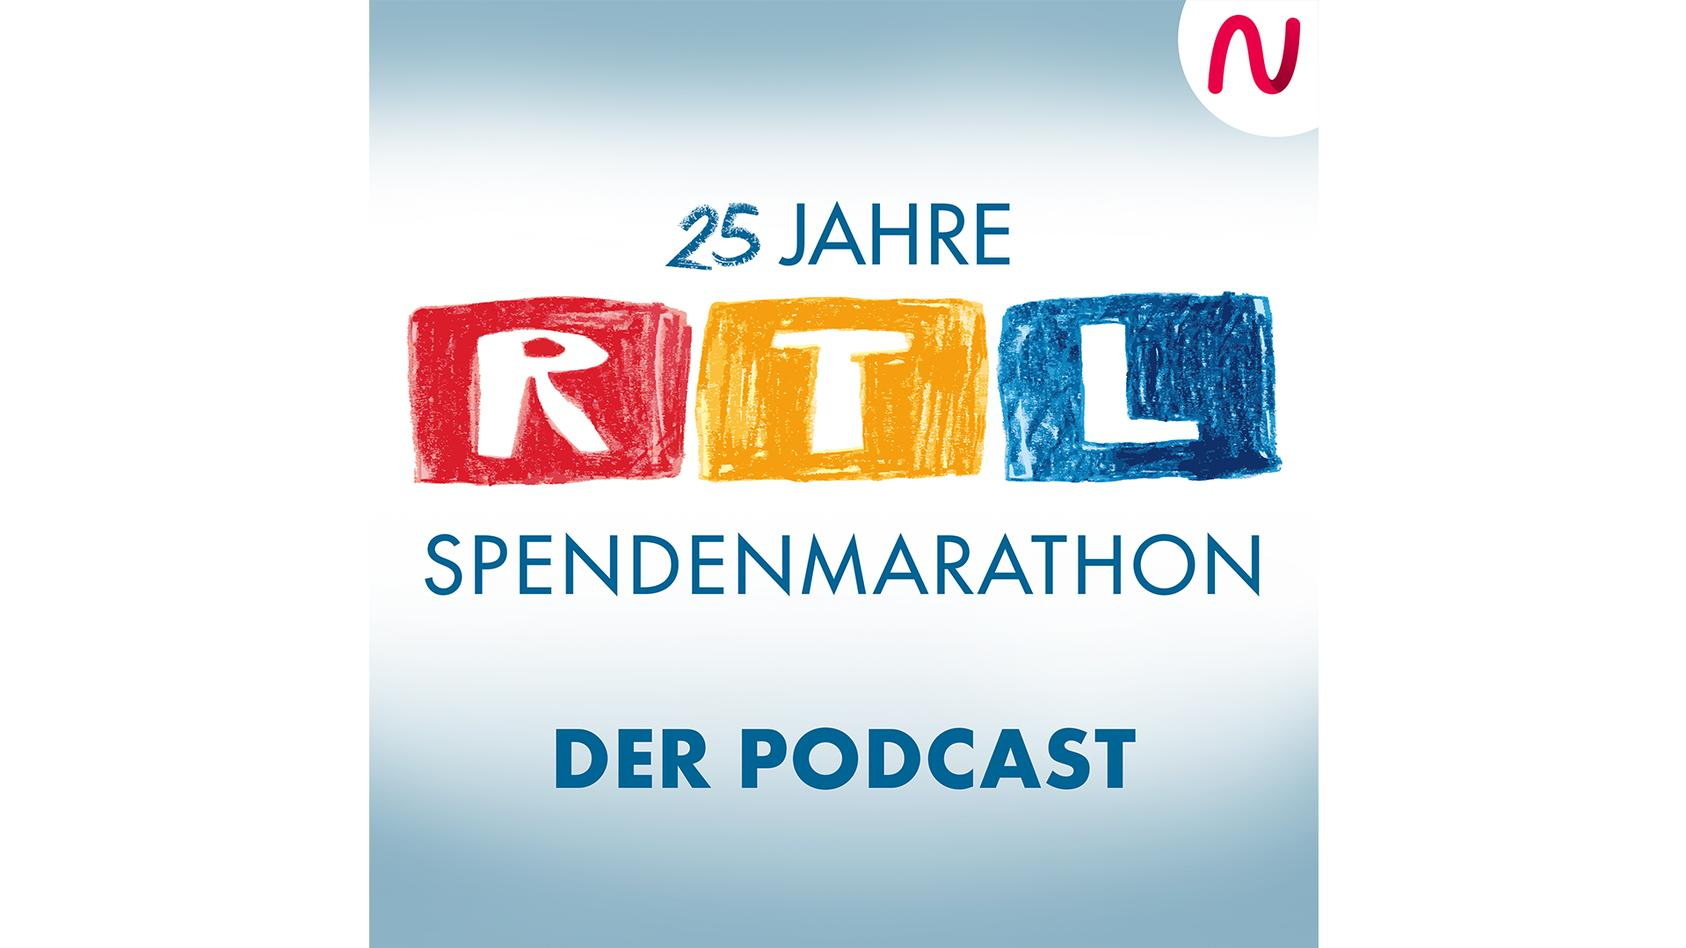 25 Jahr gibt es den RTL-Spendenmarathon bereits - und jetzt sogar mit eigenem Podcast.